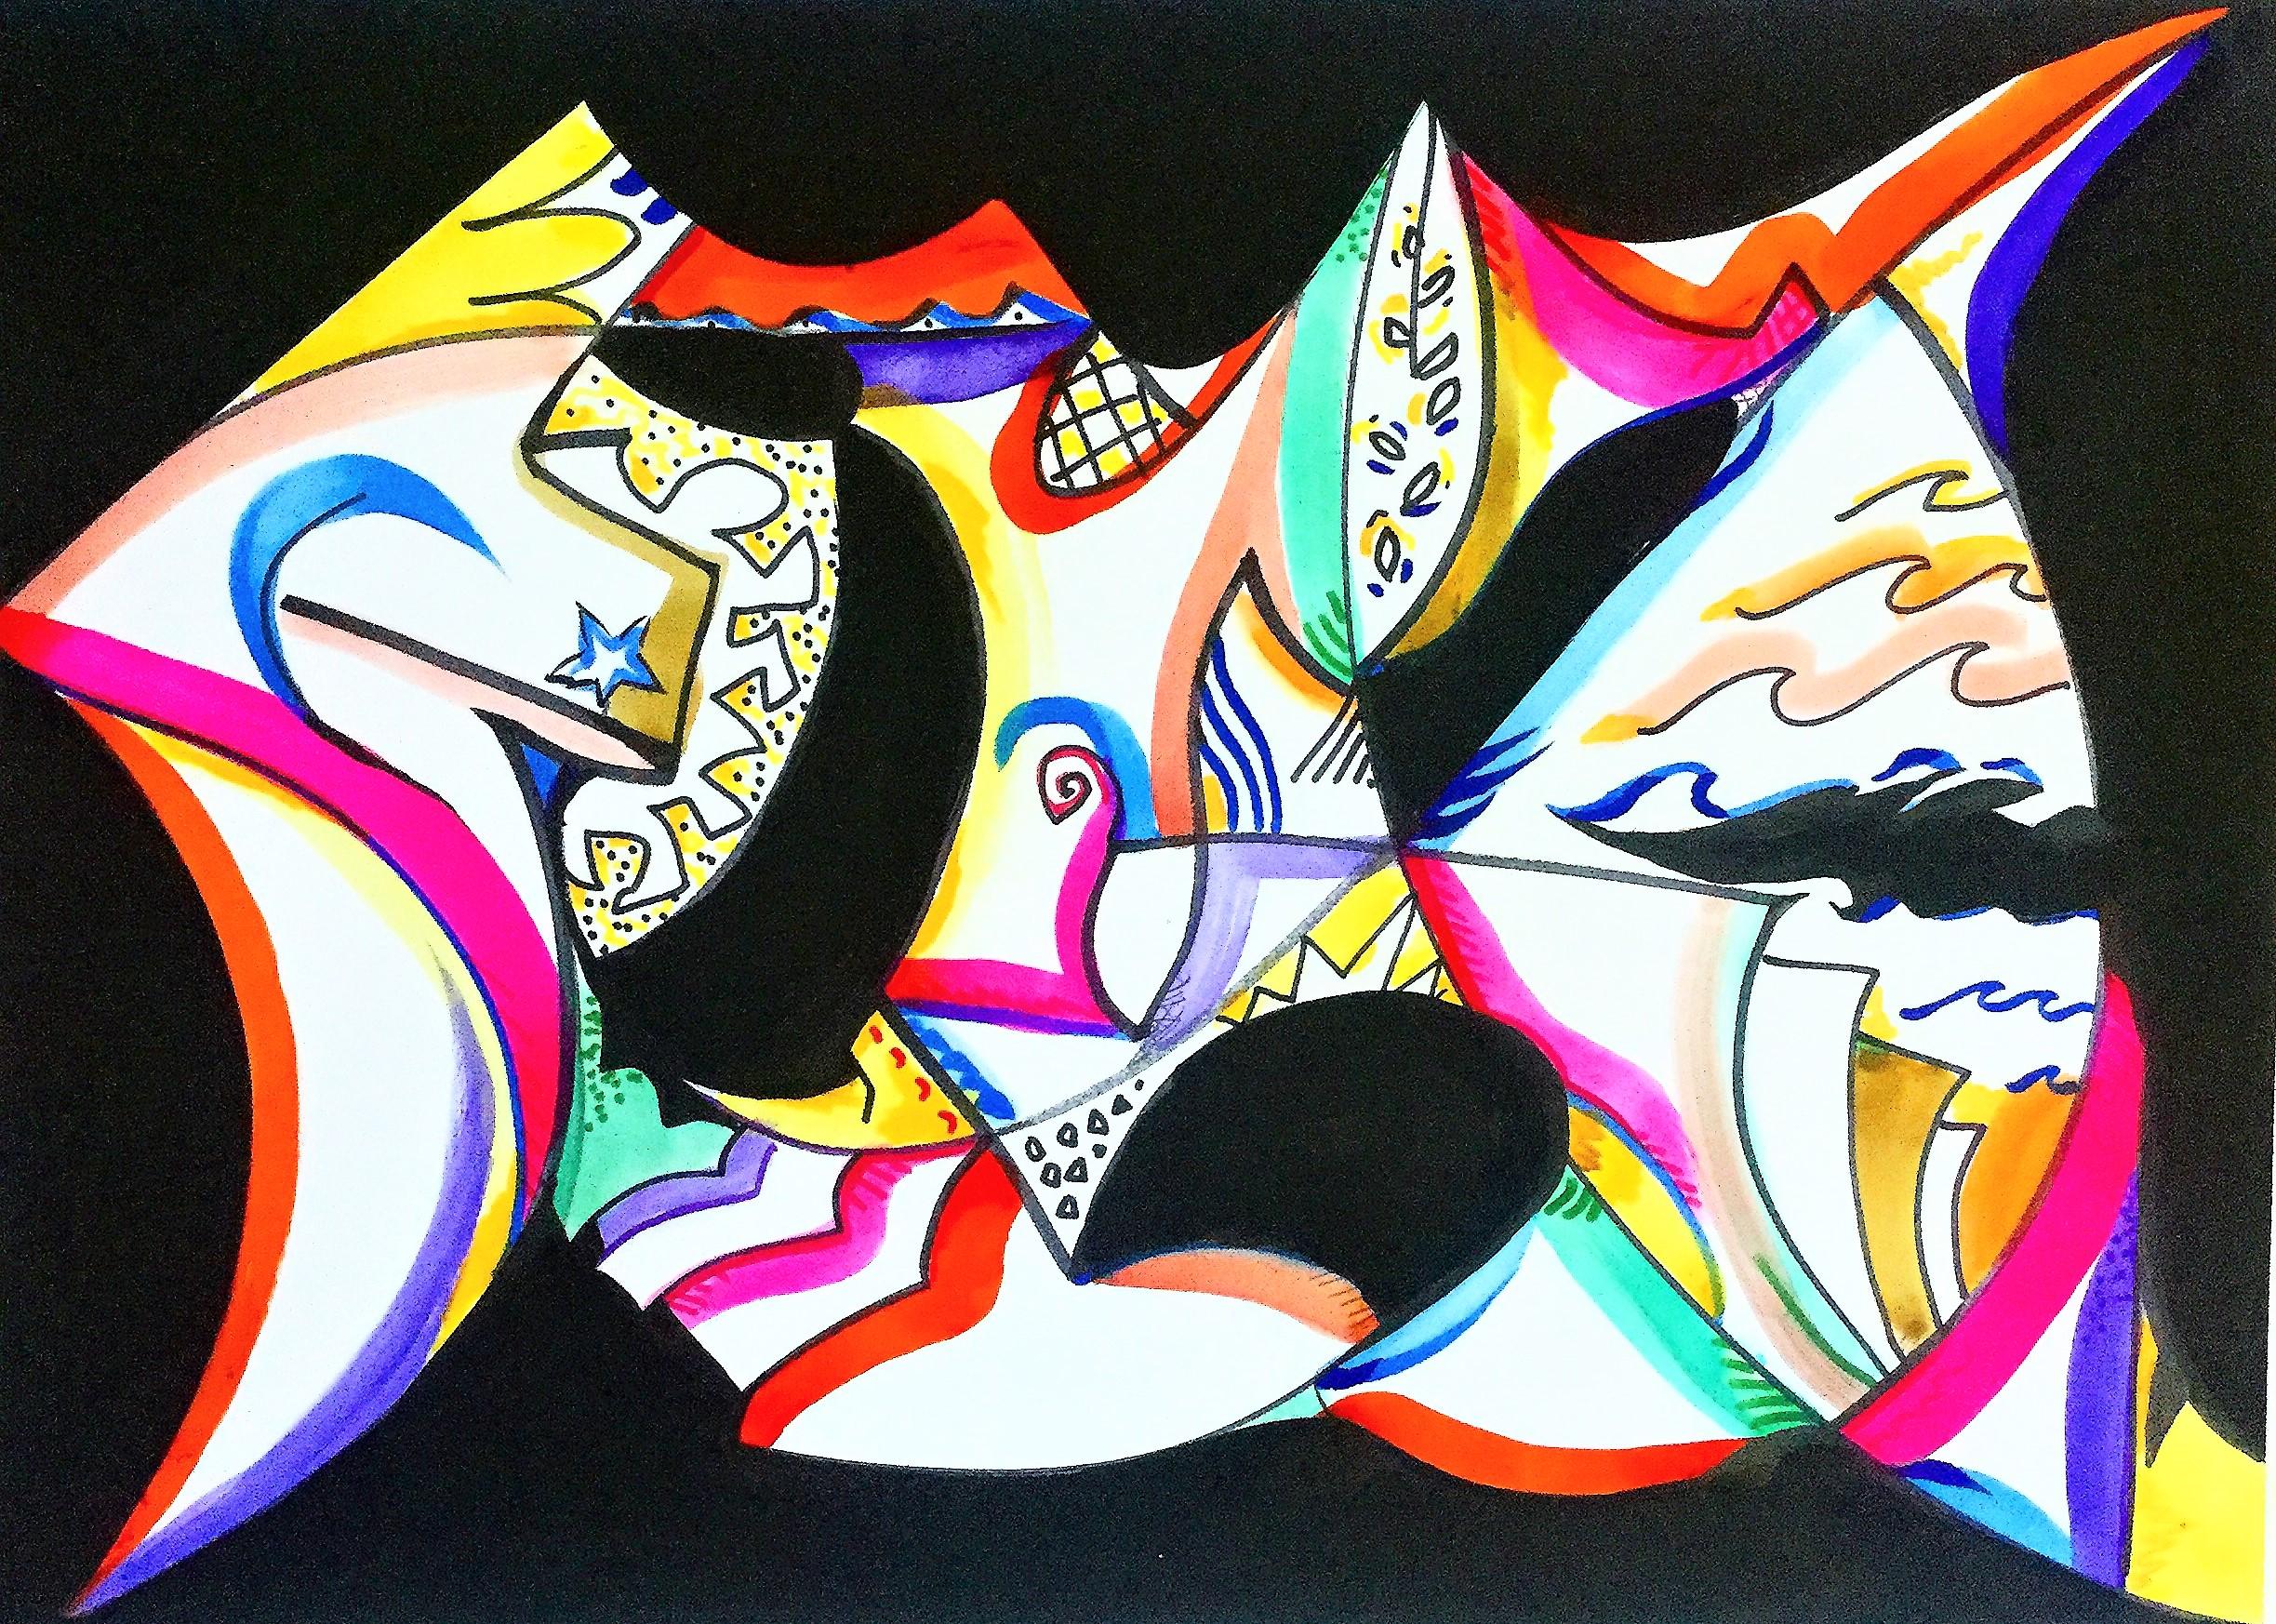 2_Revolutionare - ink on paper - 29 in x 23 in